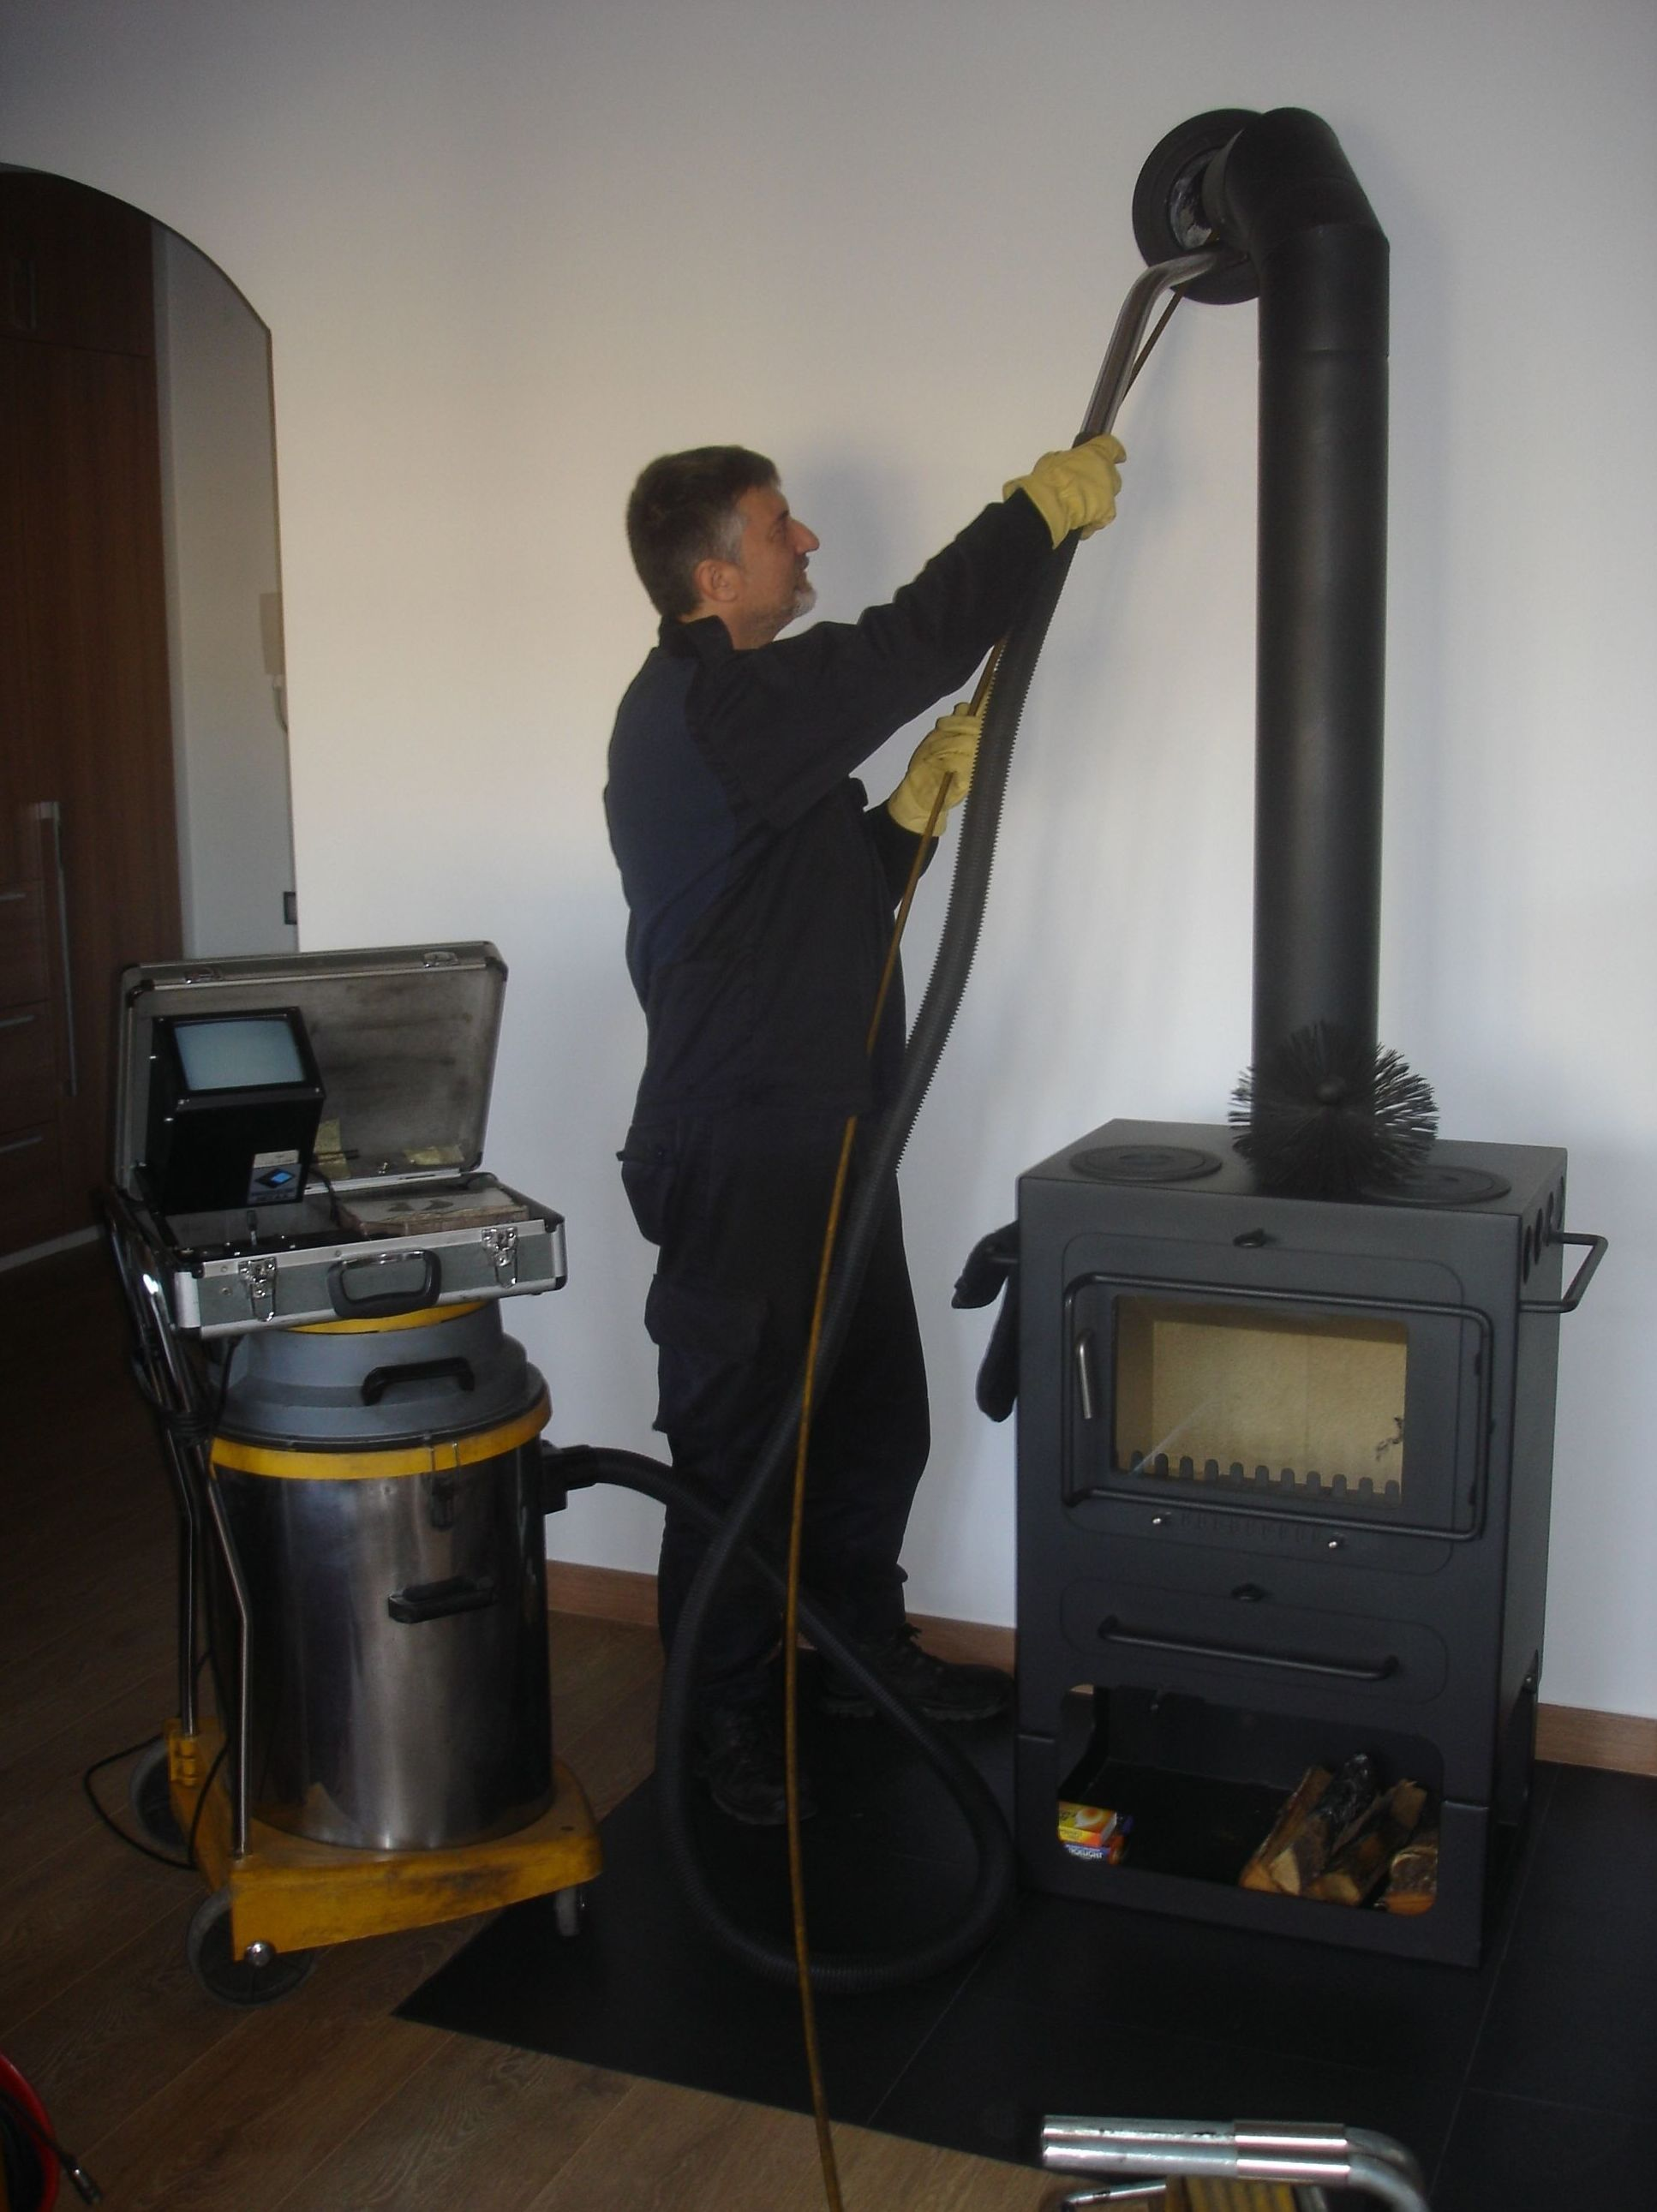 Limpieza chimenea y caldera pellet.: Servicios de limpieza de Limpiadora del Valles de 1965, S.C.P.